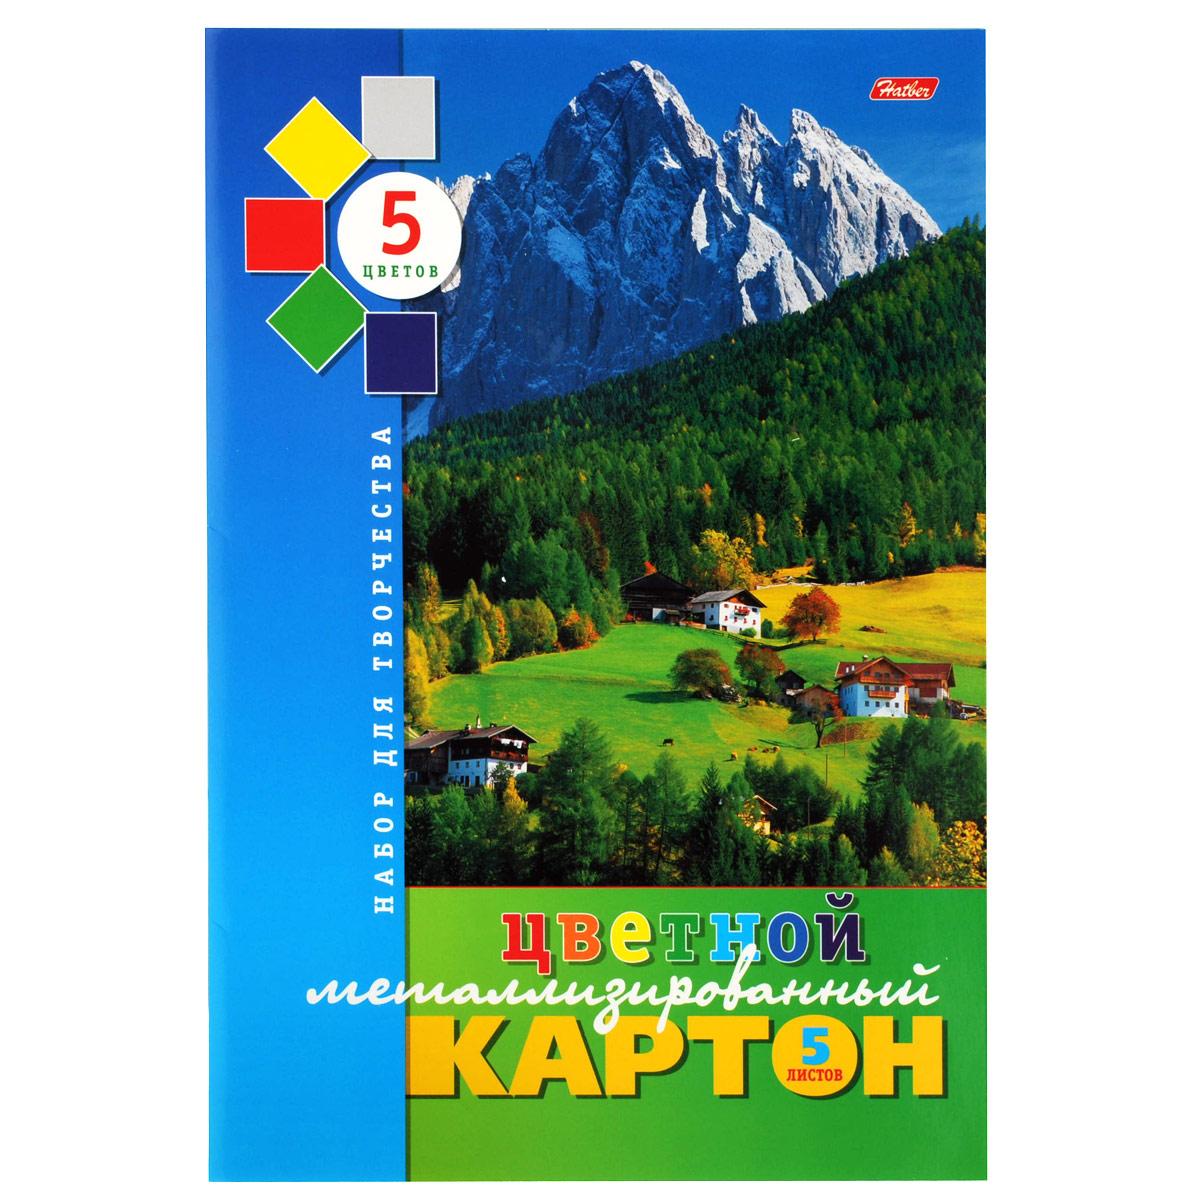 Цветной картон Hatber Пейзаж, металлизированный, 5 листов5Кц4мт_07242Цветной металлизированный картон Hatber Пейзаж позволит вашему ребенку создавать всевозможные аппликации и поделки. Набор состоит из пяти листов картона зеленого, красного, синего, серебристого и золотистого цветов. Картон упакован в картонную папку, оформленную рисунком с изображением природы. Создание поделок из цветного картона поможет ребенку в развитии творческих способностей, кроме того, это увлекательный досуг. Рекомендуемый возраст - от 6 лет.